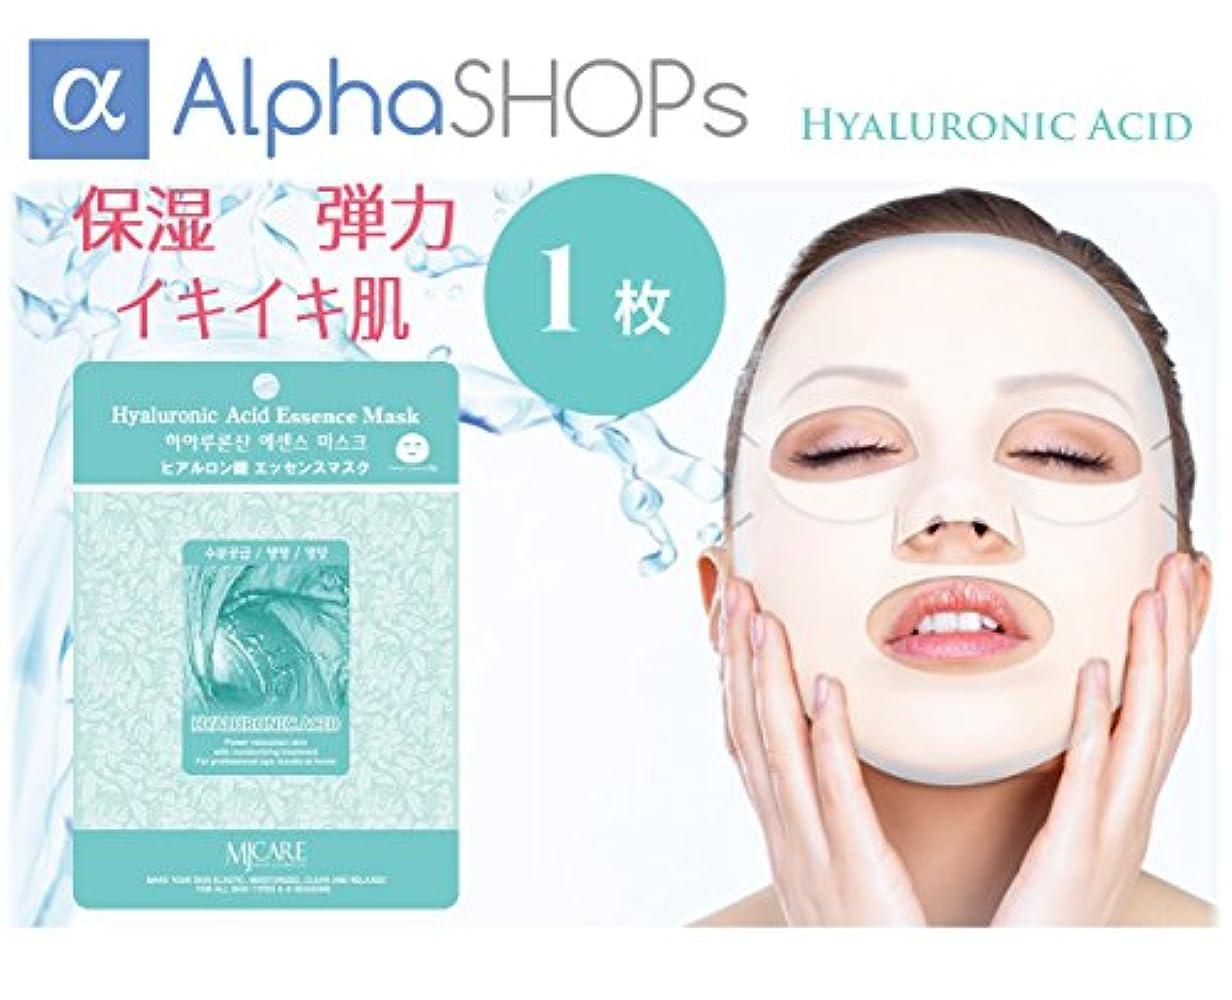 スライス場合海外シートマスク パック 1枚単品 ヒアルロン酸 エッセンスマスク 韓国コスメ MIJIN(ミジン)